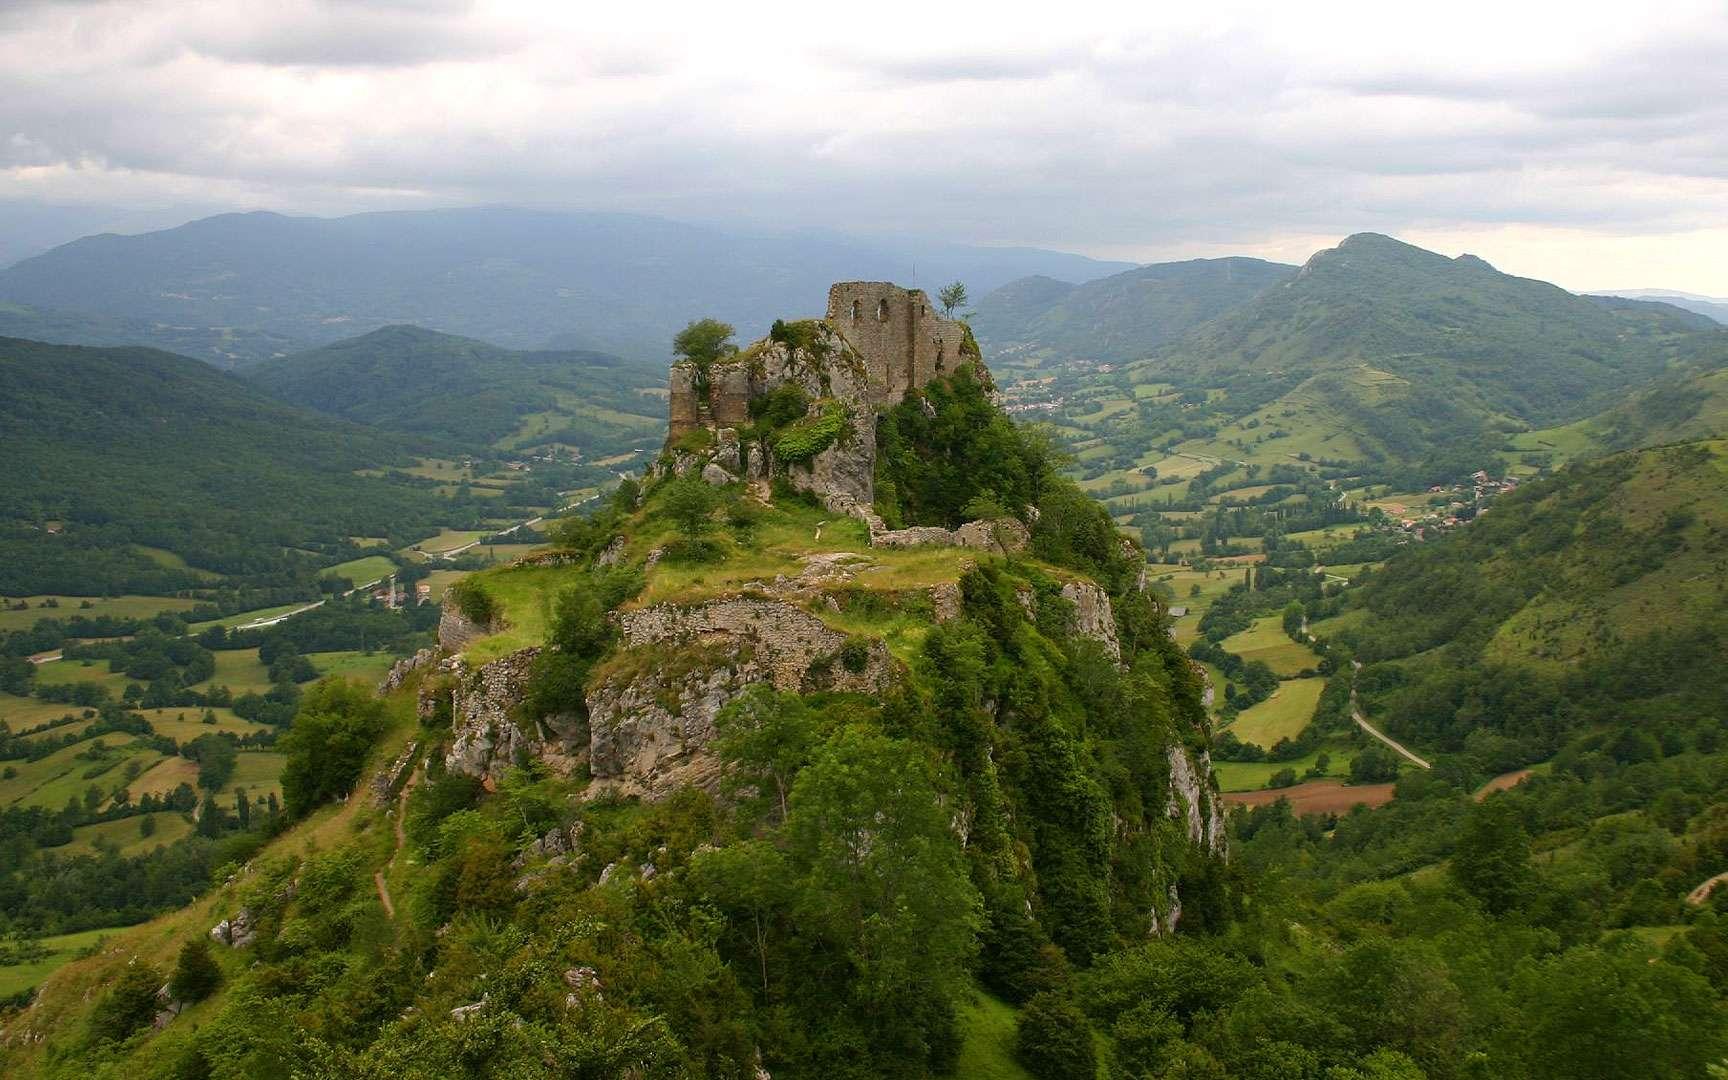 Le château de Roquefixade, ancré dans la roche. Le nom du château de Roquefixade (Ariège), qui signifie littéralement « roche fissurée », évoque l'énorme entaille naturelle comblée par la construction d'une arche de pierre. La forteresse a servi de refuge et de lieu de résistance pour les albigeois (cathares) au XIIe siècle. Altitude : 919 mètres. © Sean Perry, Flickr, CC by-nc-nd 2.0